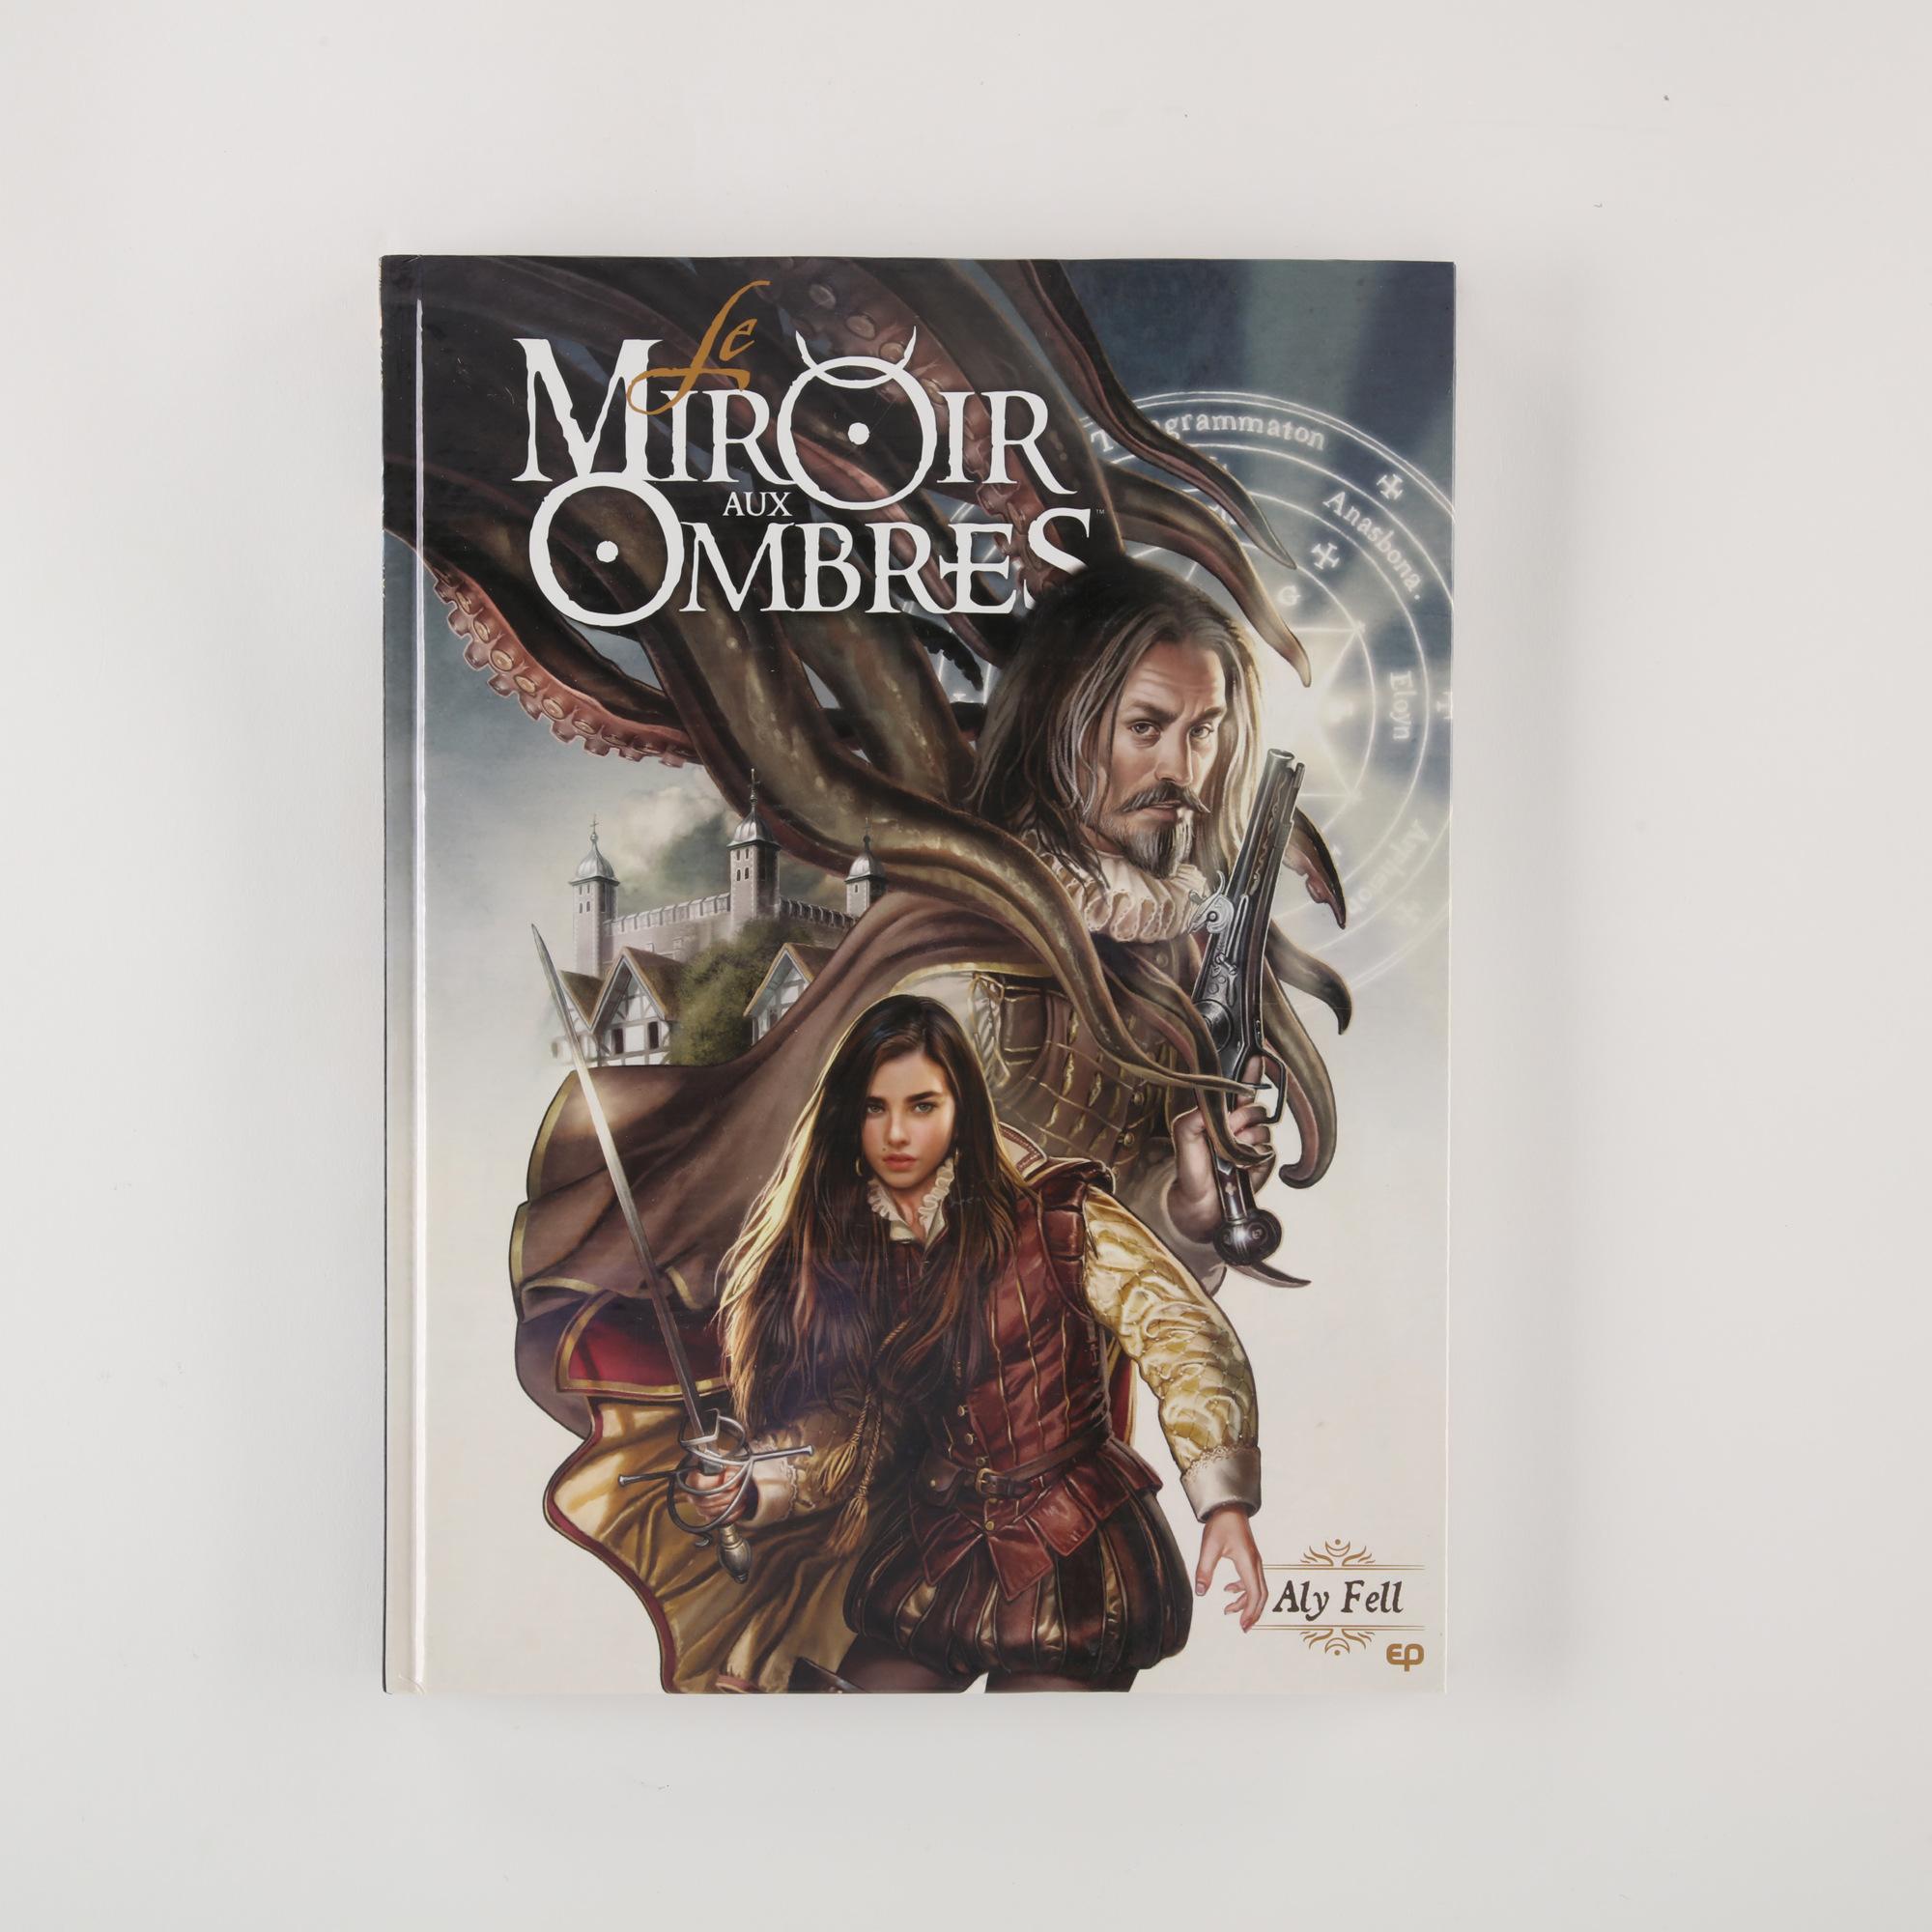 Sélection de bandes dessinées en promotion - Ex : Le Miroir aux Ombres